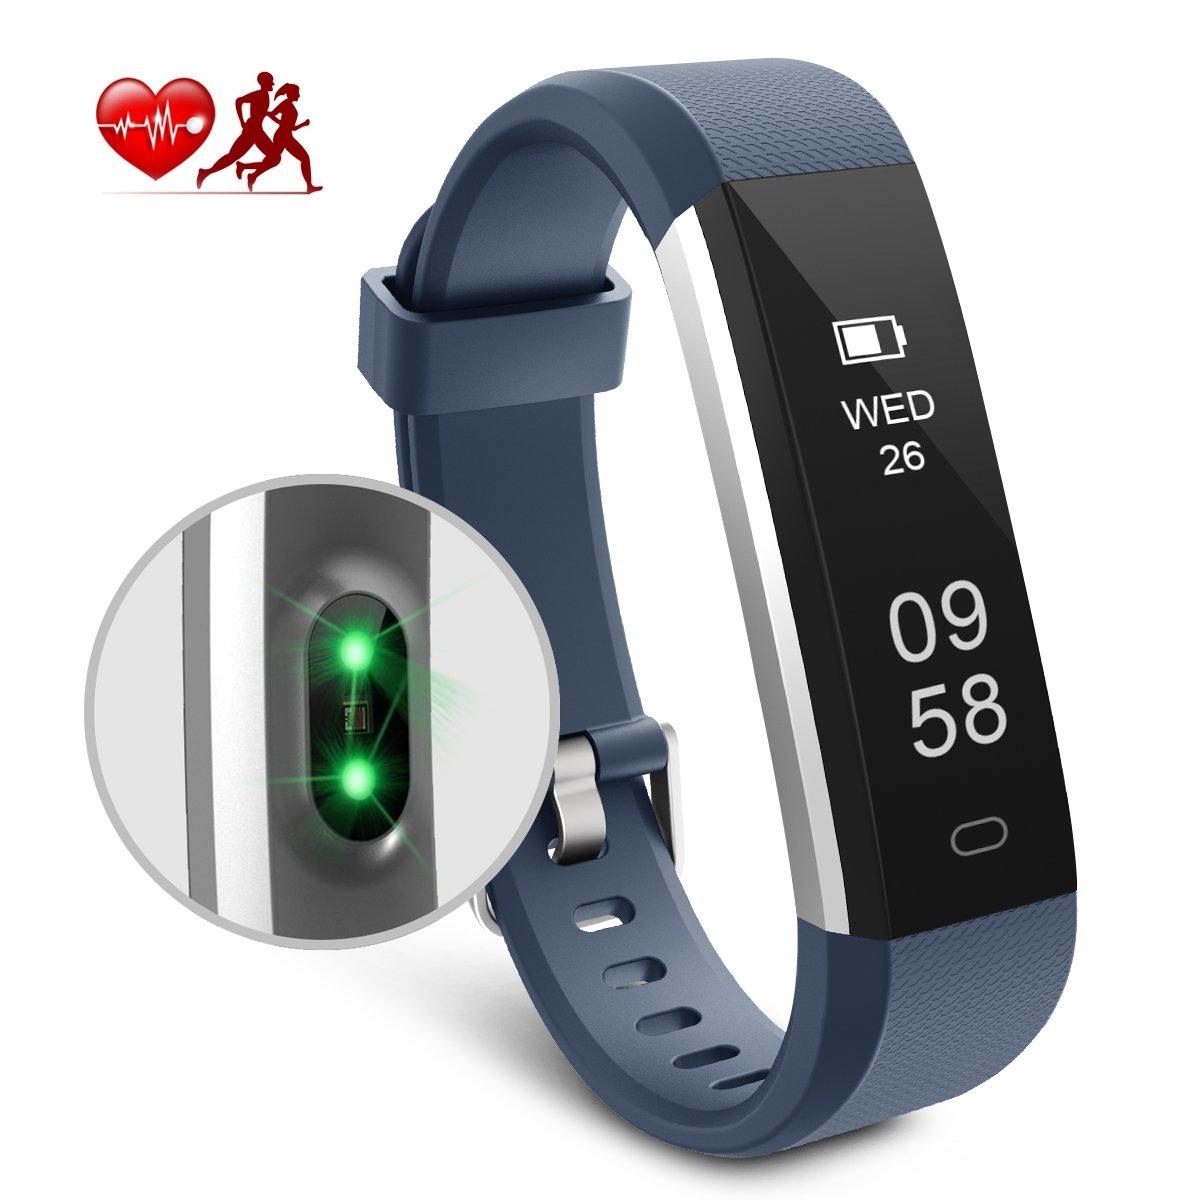 Motenik Fitness Tracker, Schlank Aktivitäts Tracker mit Herzfrequenzmesser